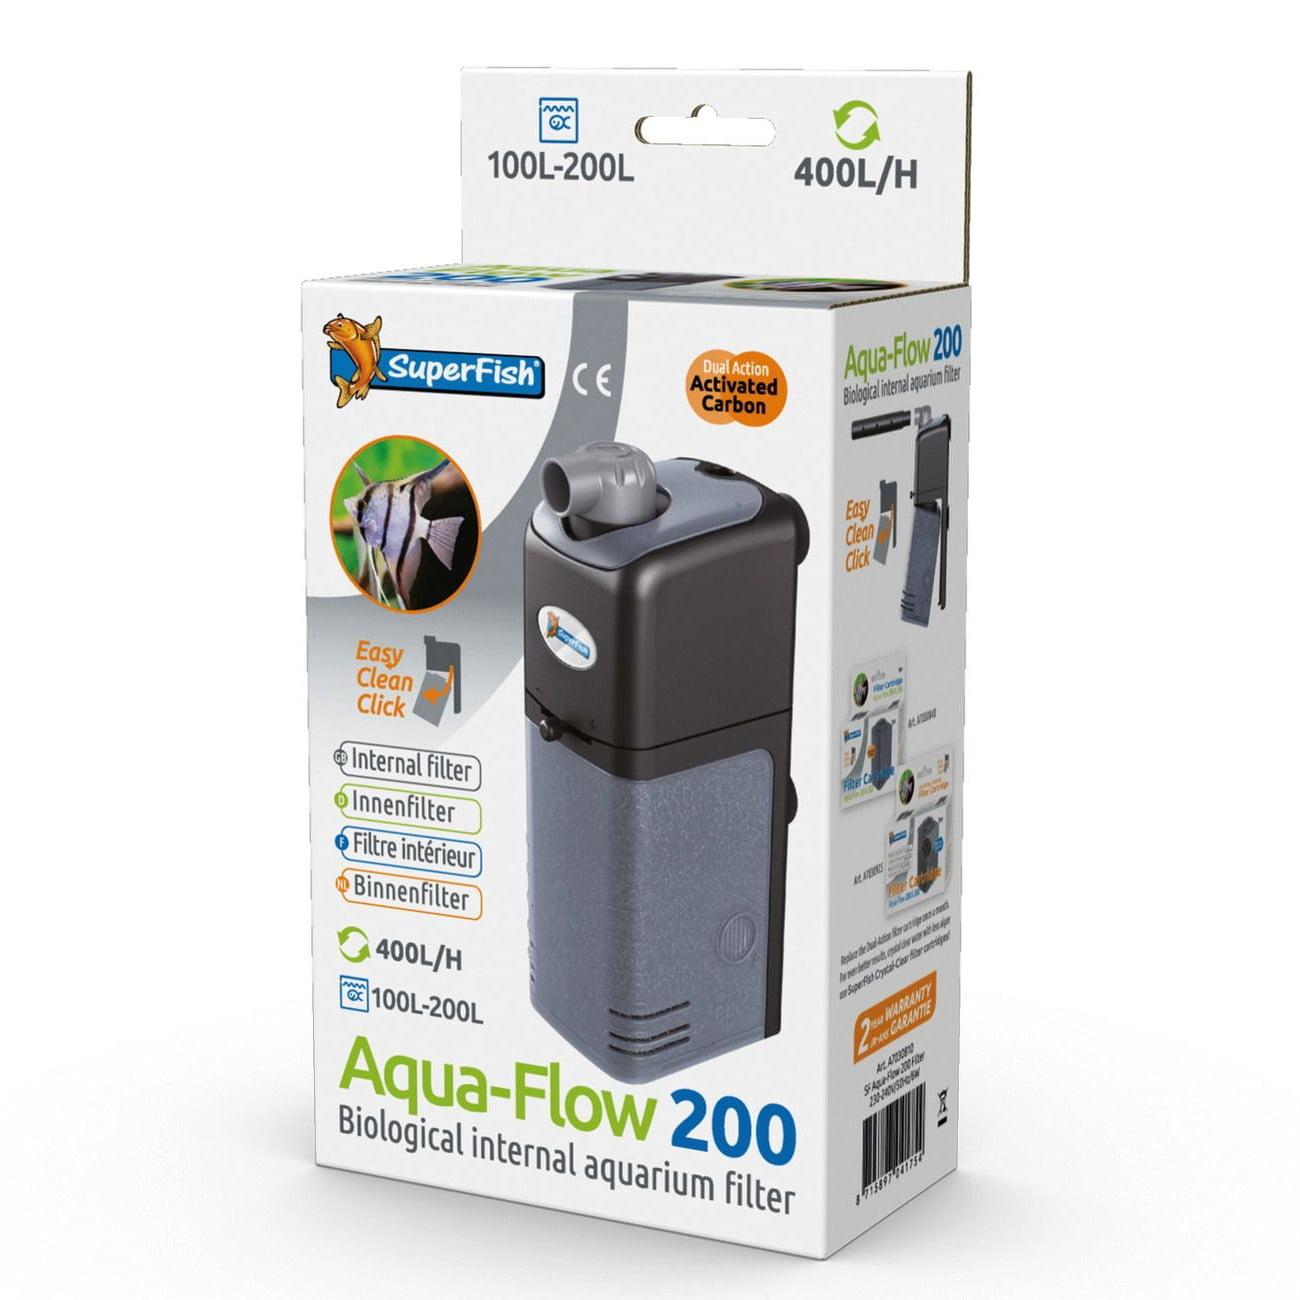 superfish-aqua-flow-200-filter